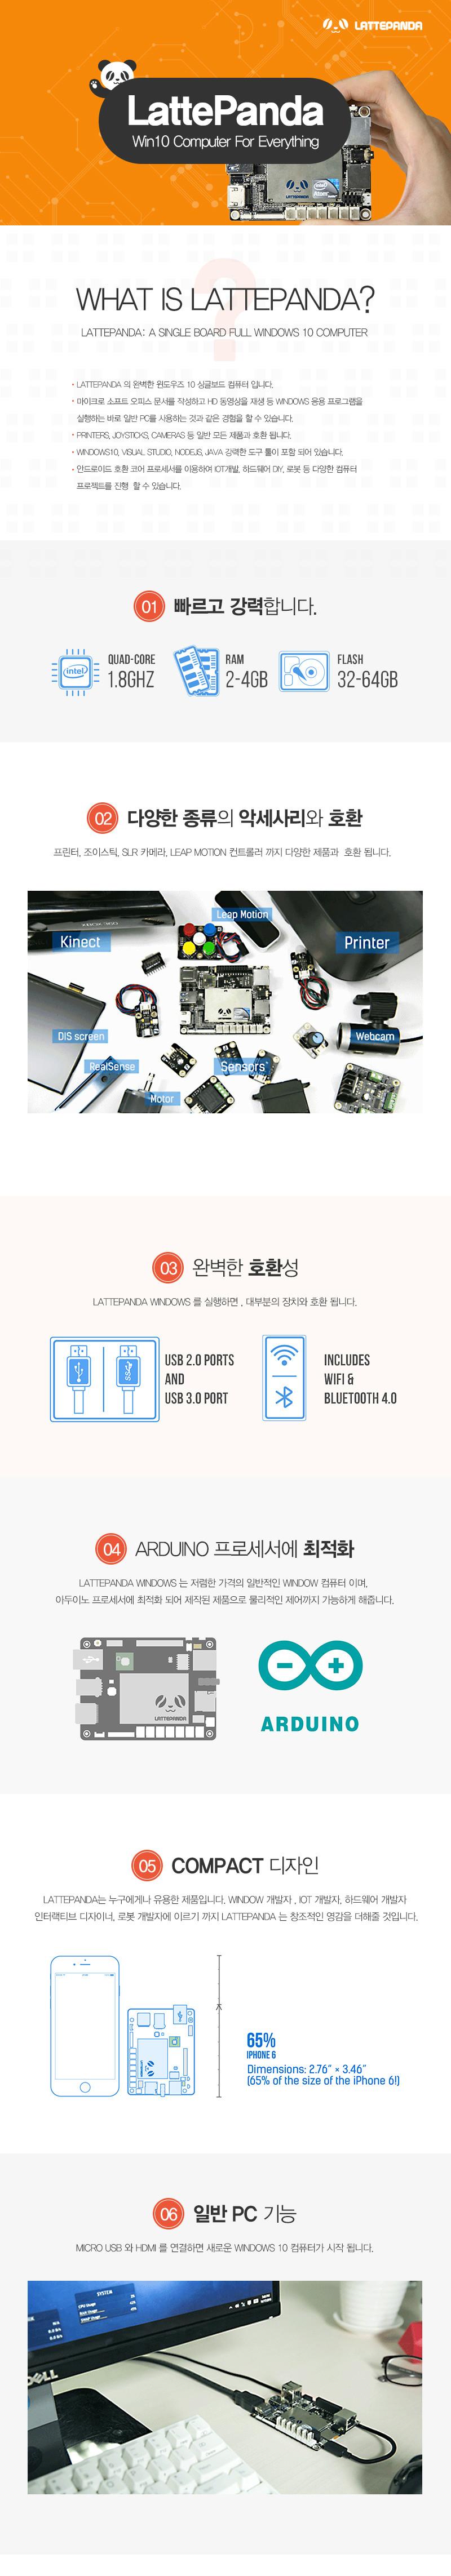 윈도우10을 지원하는 초소형 PC 유닛 '라테판다'